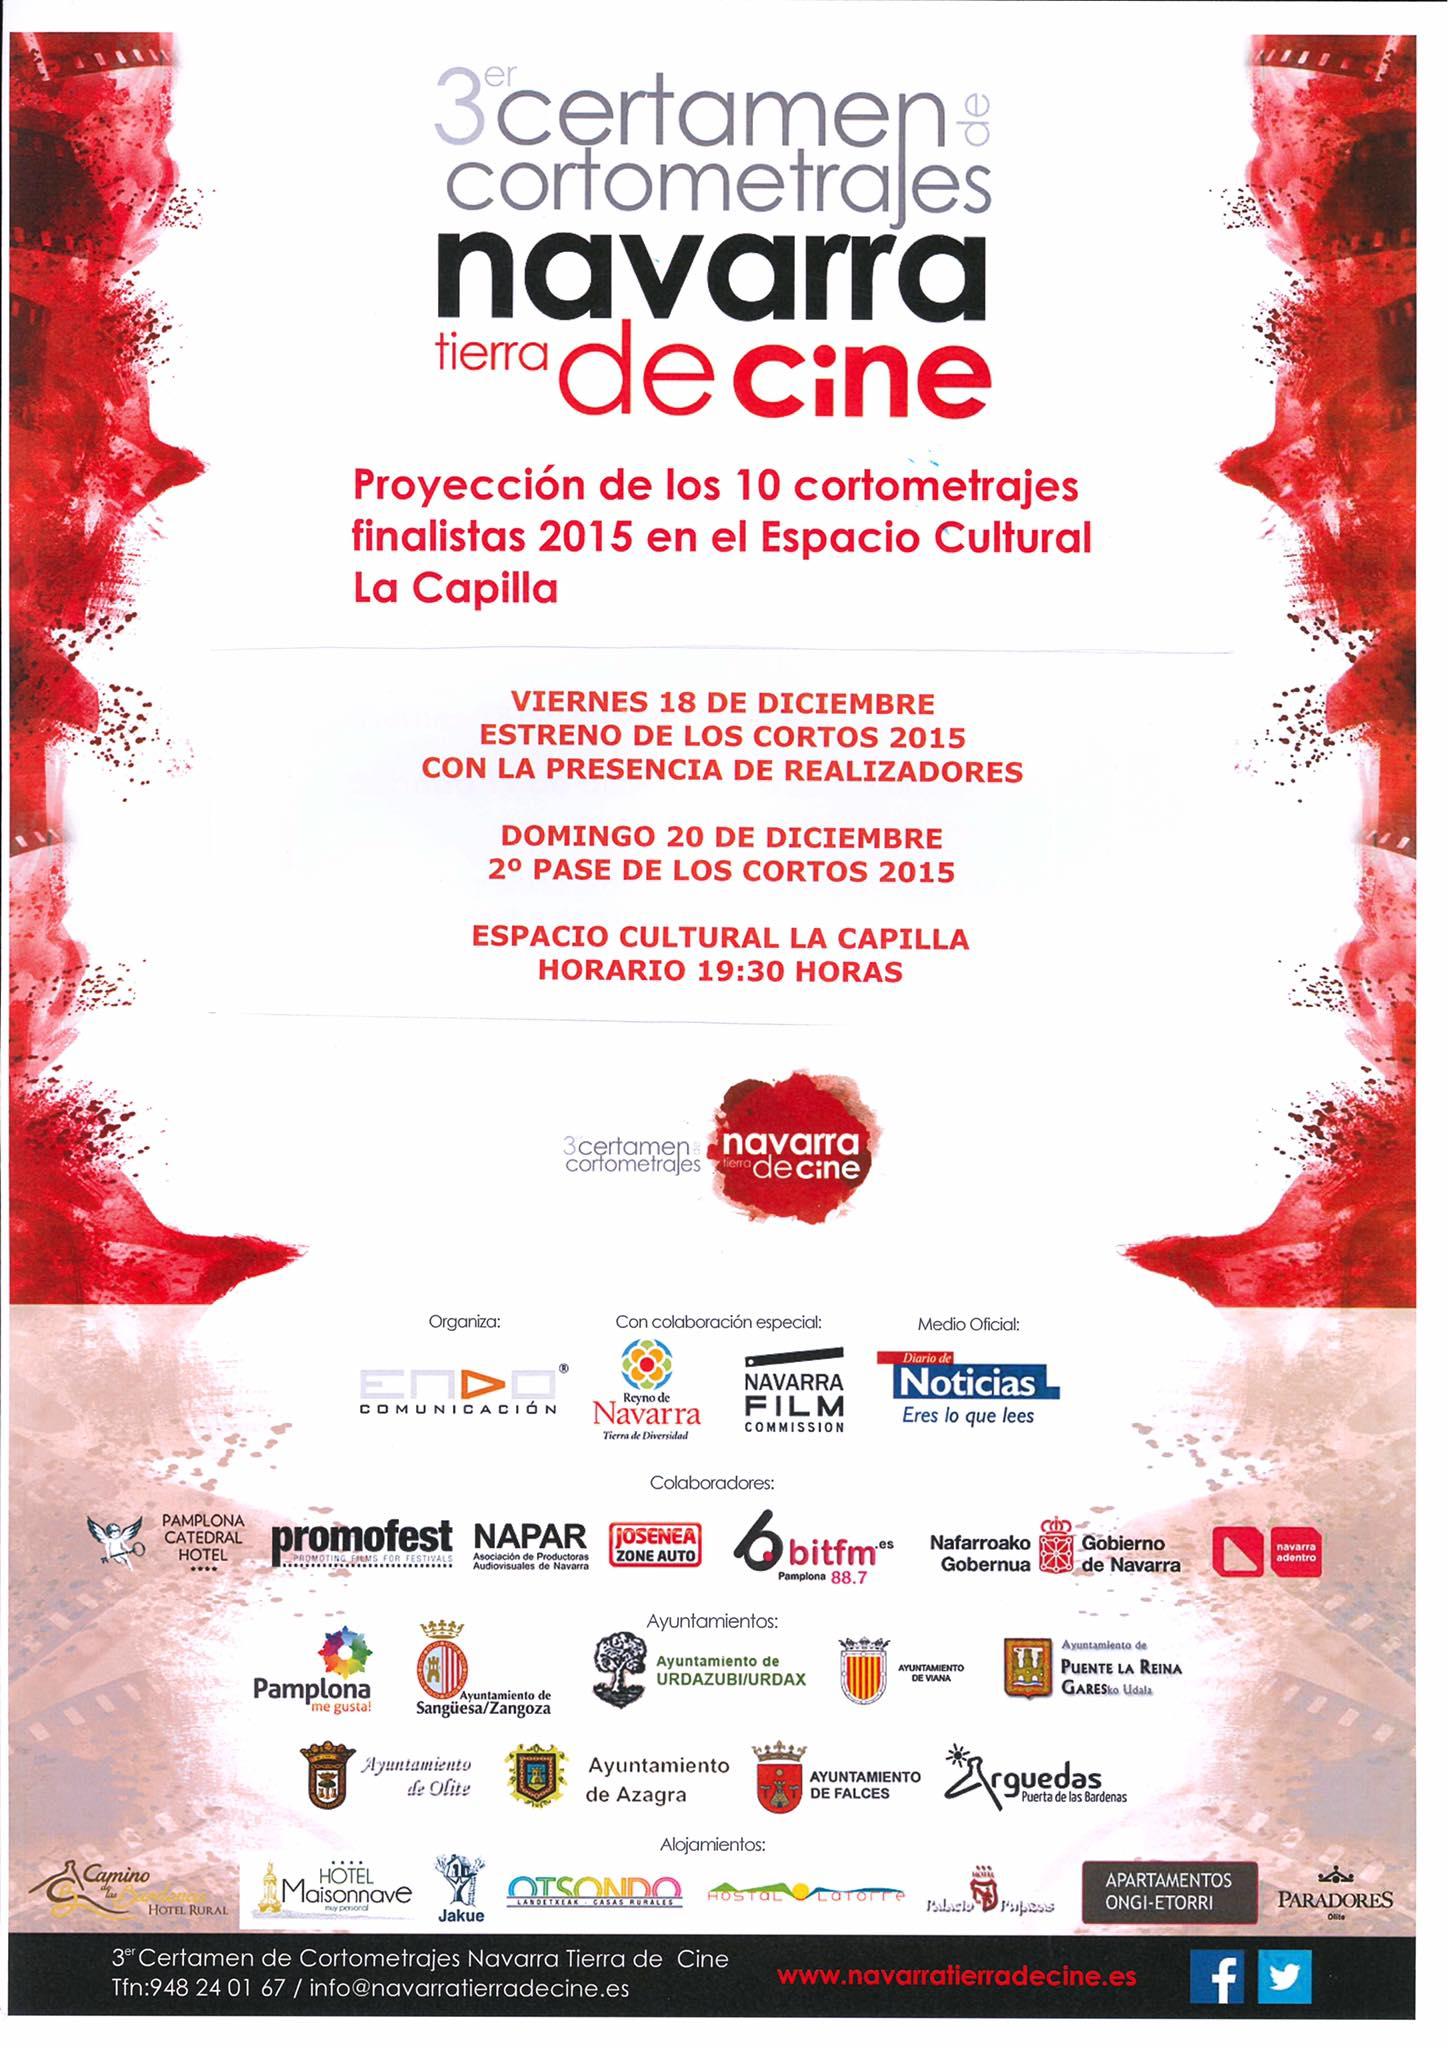 Navarra Tierra de cine en Arguedas